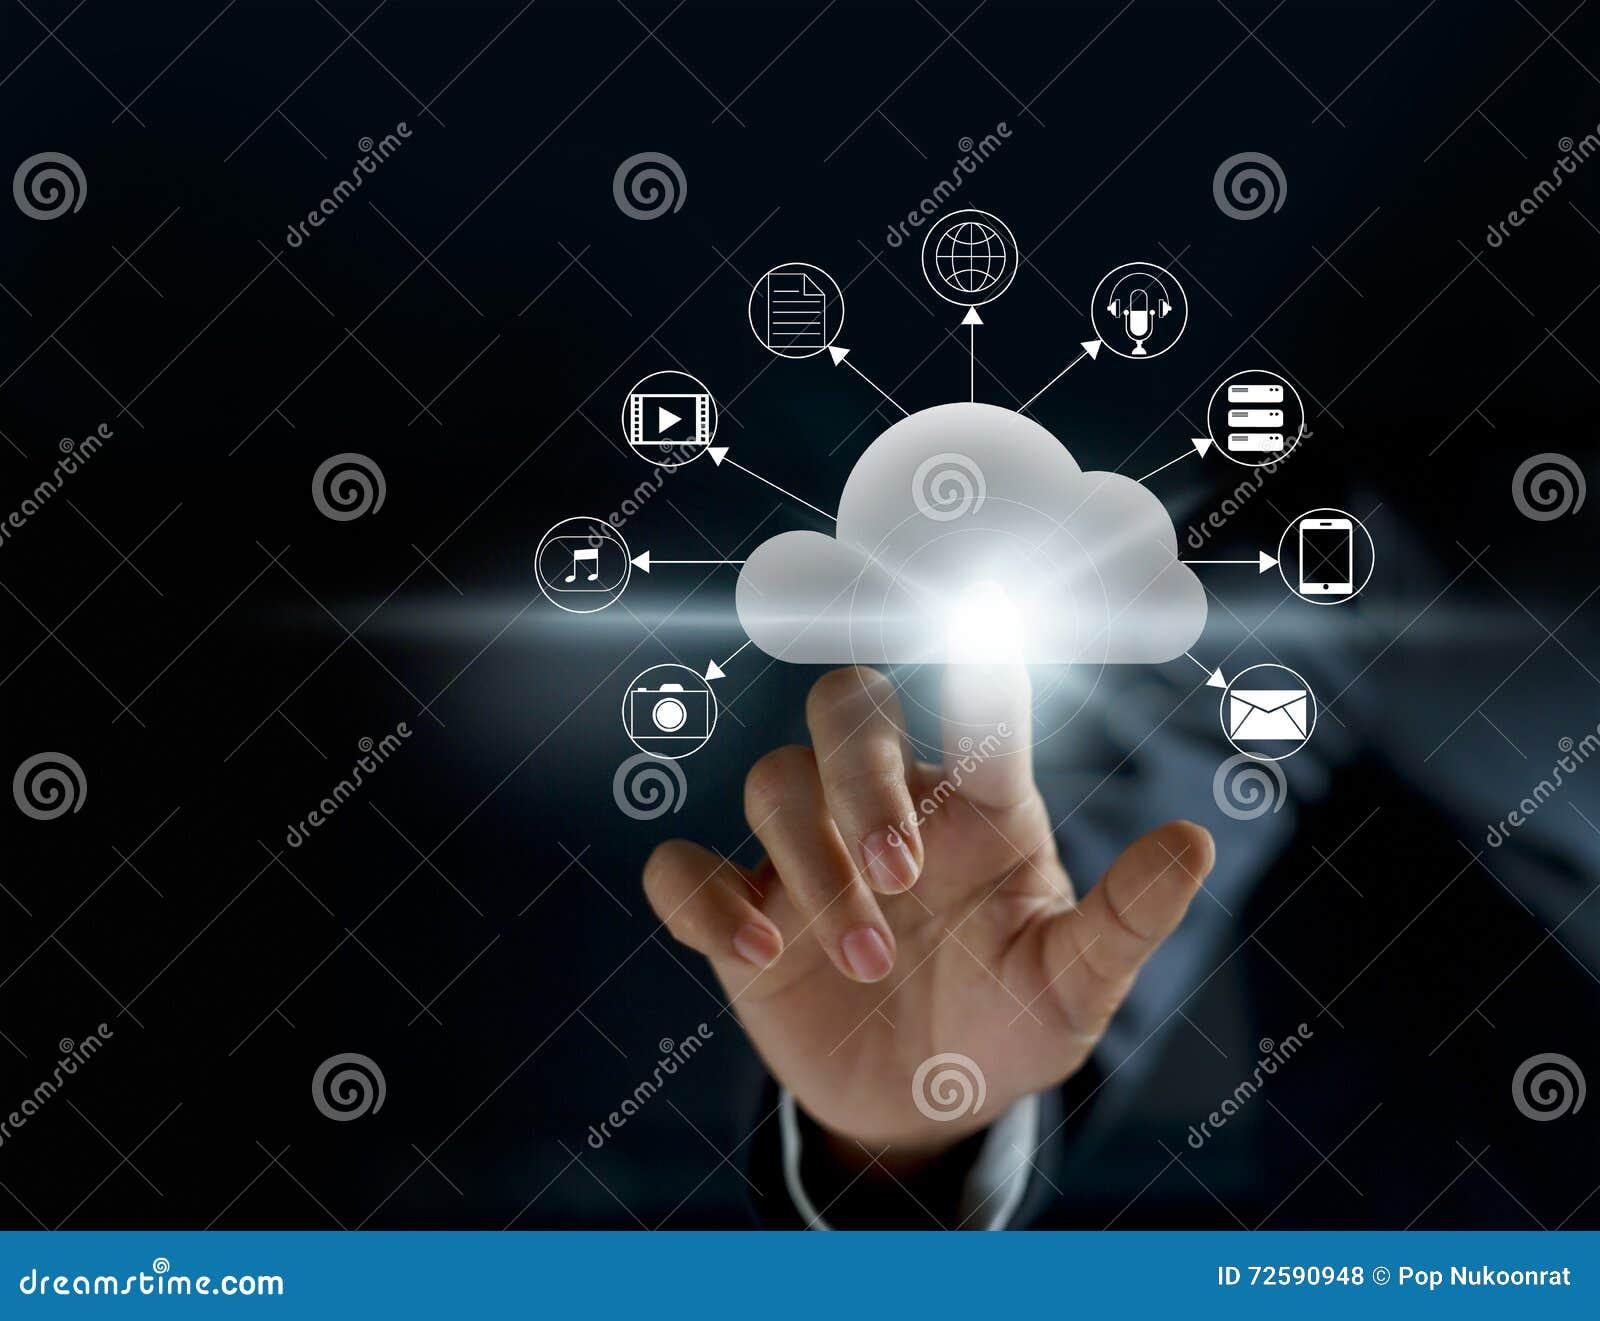 Nuvola che computa, connettività futuristica di tecnologia di visualizzazione